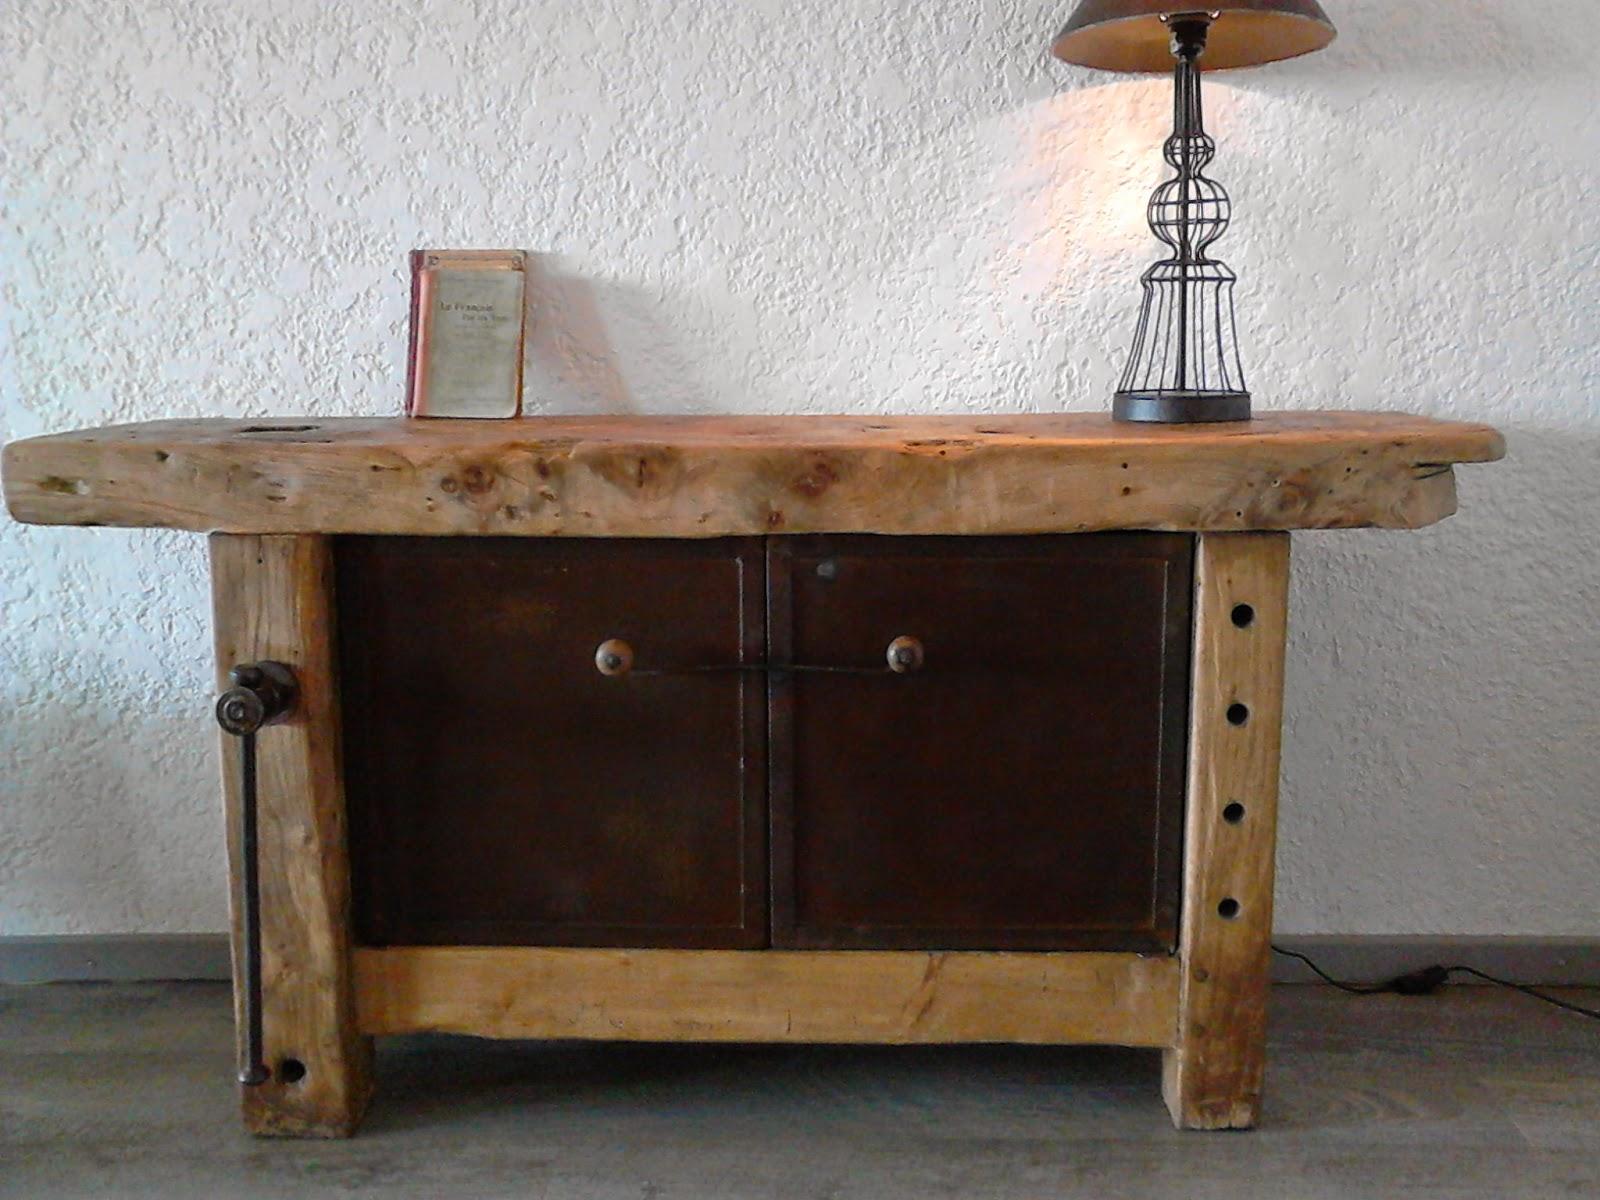 meubles et objets de d coration style industriel etabli de menuisier. Black Bedroom Furniture Sets. Home Design Ideas